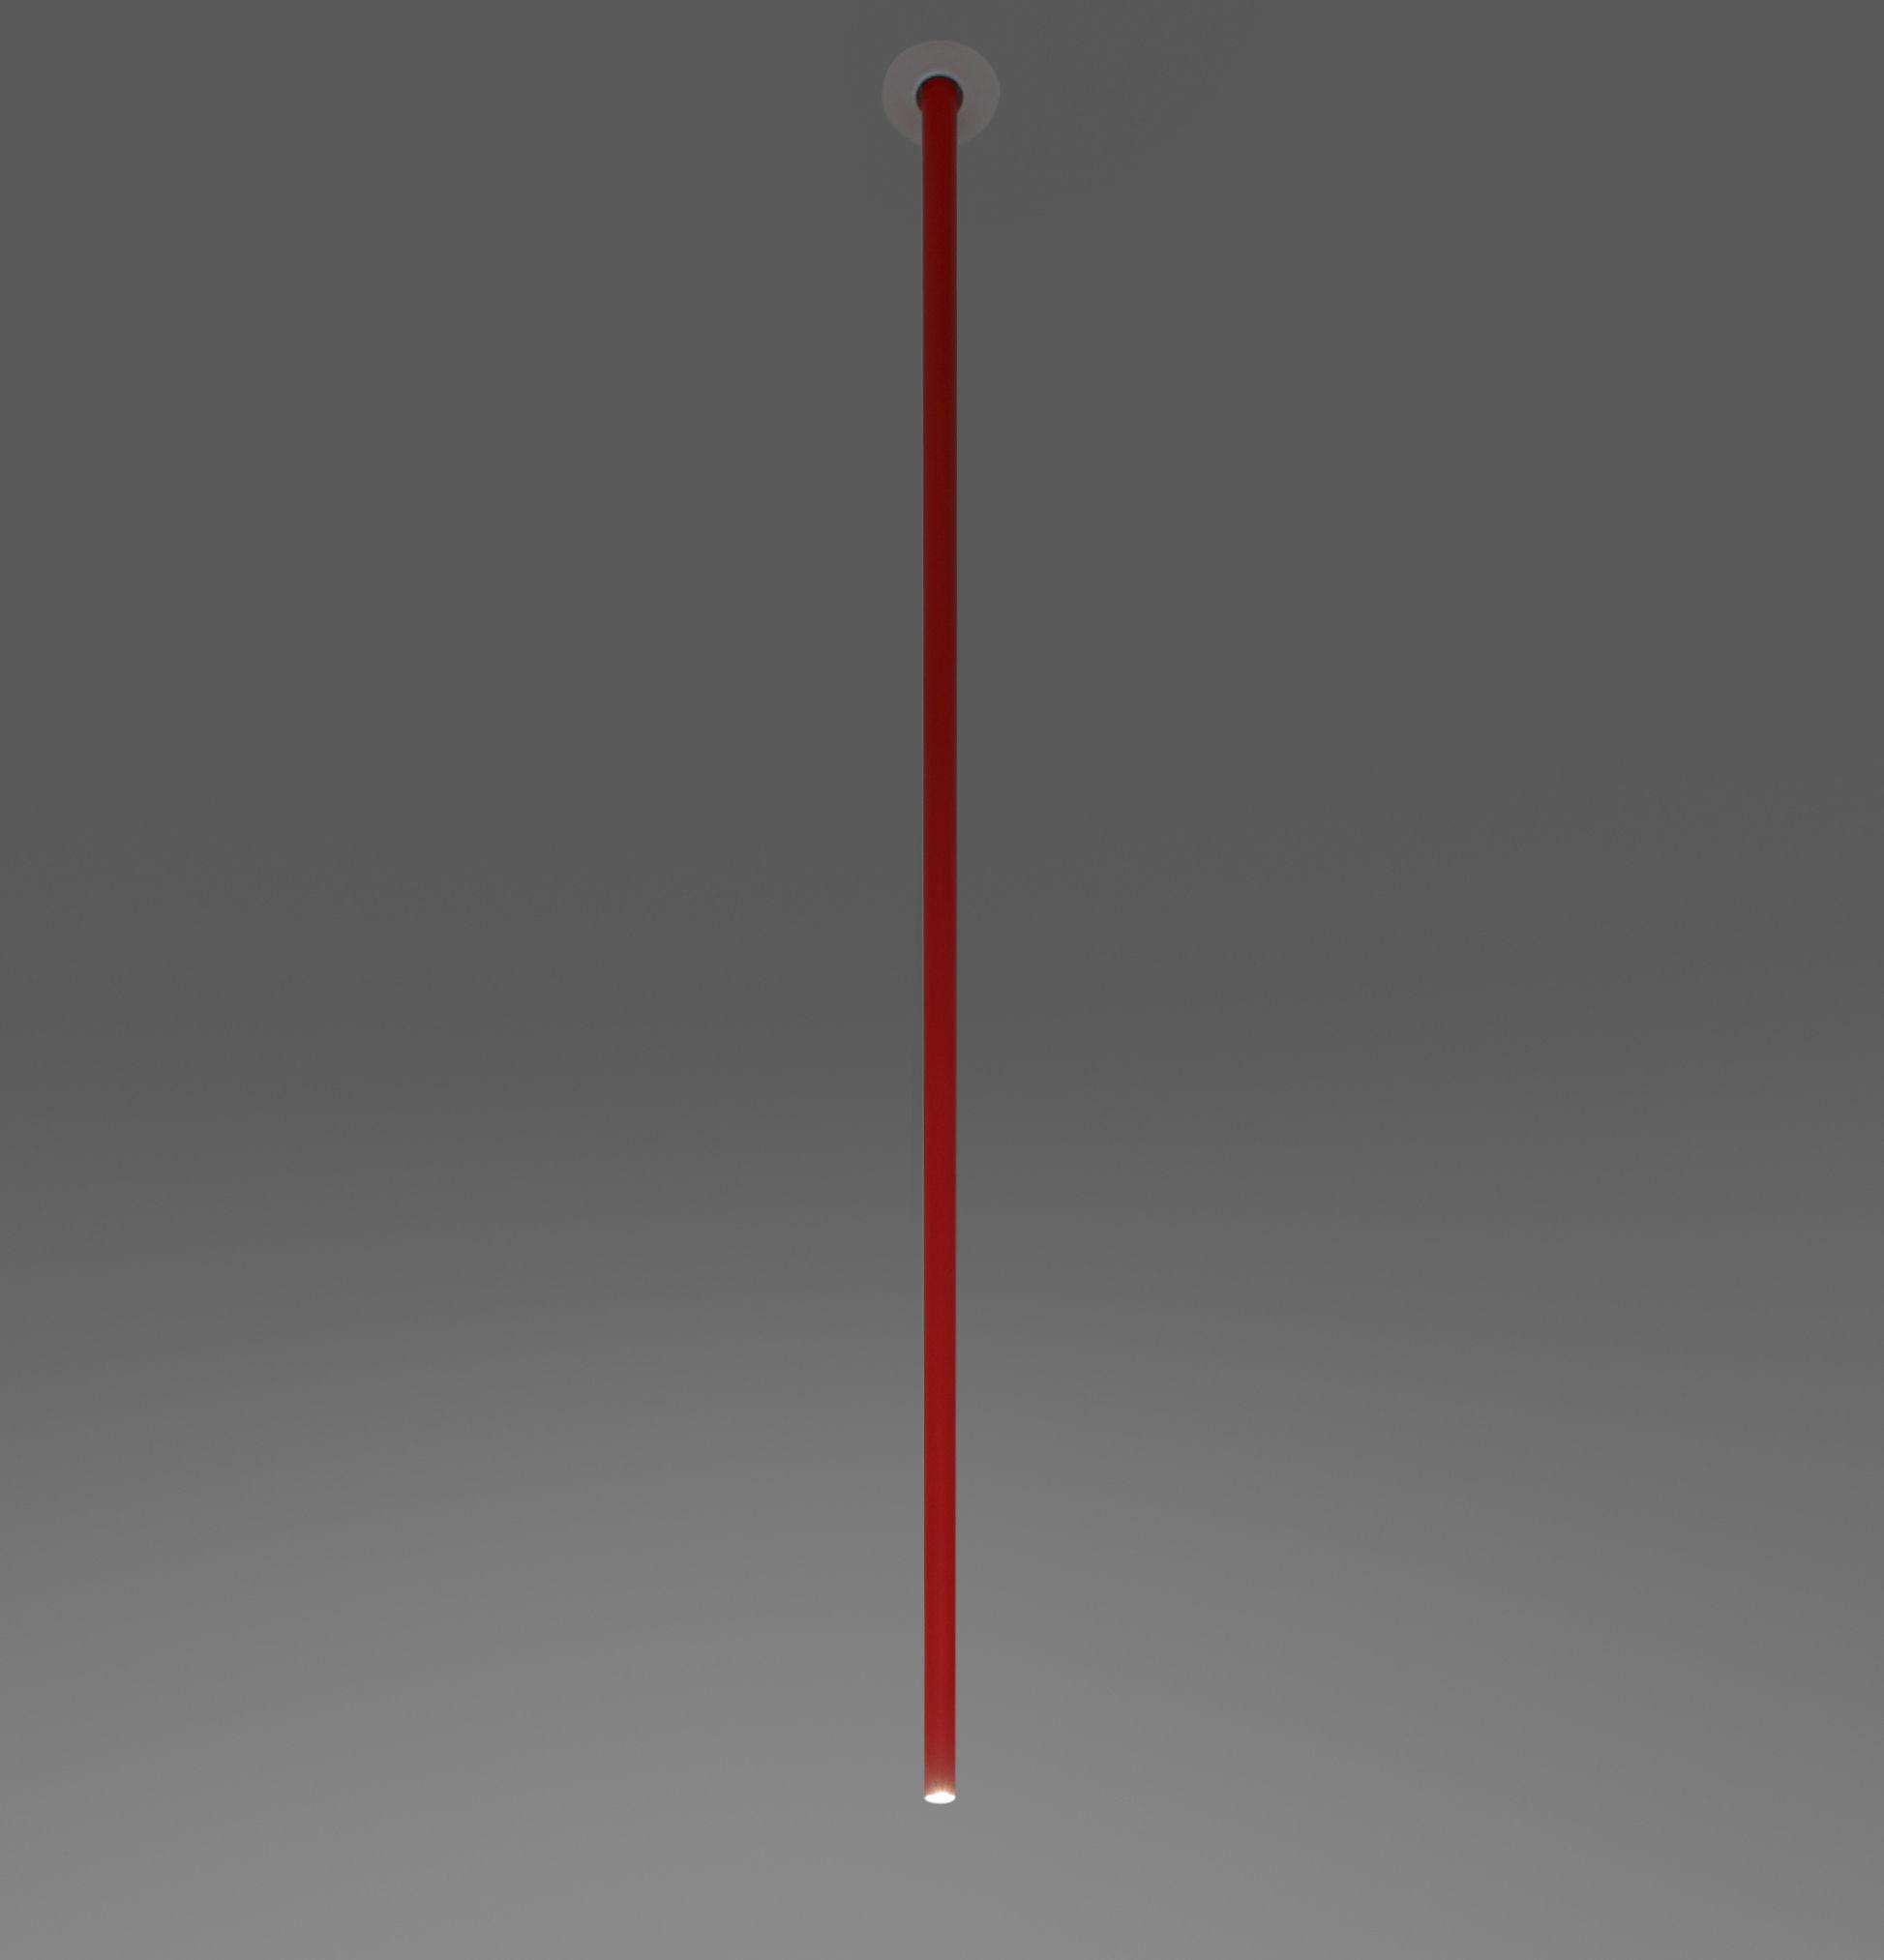 Luminaire - Suspensions - Suspension Iosif / LED - H 150 cm - Artemide - Rouge - Aluminium verni